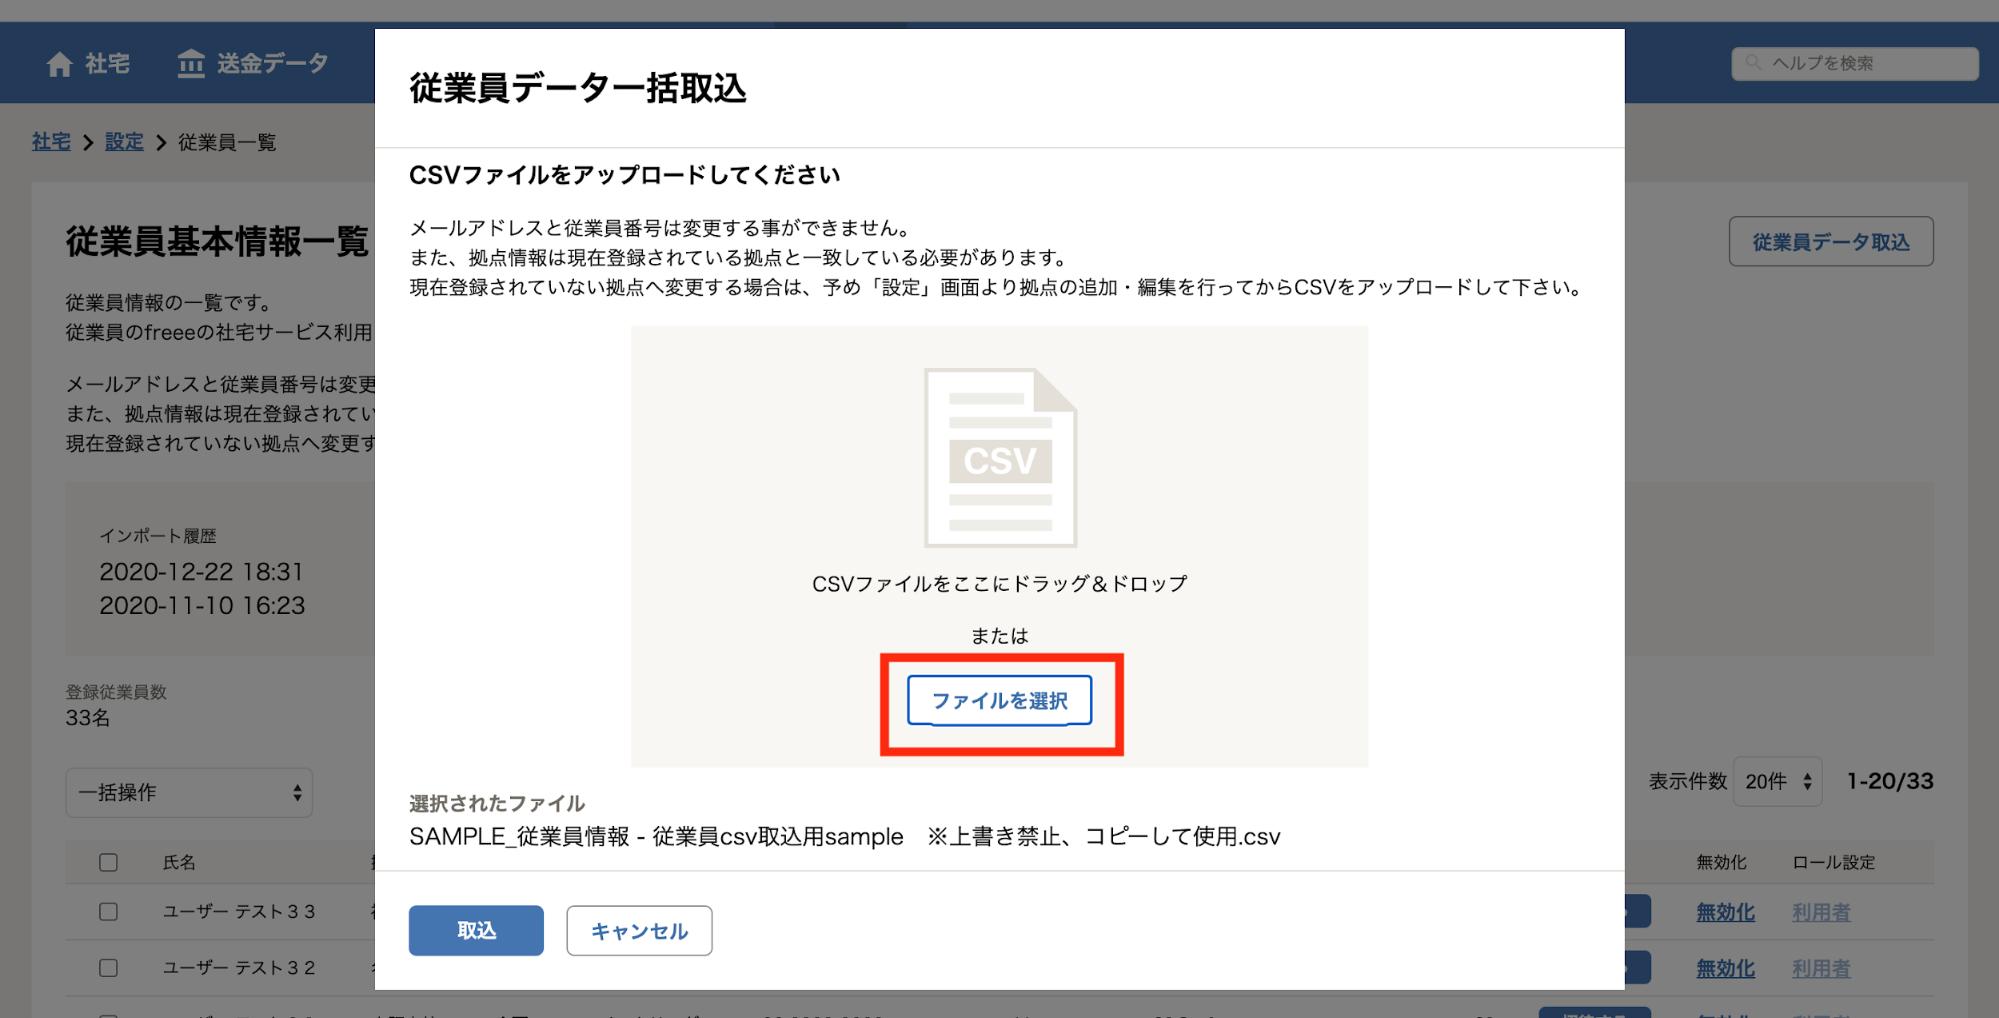 従業員データ一括取込画面の[ファイルを選択]ボタンを指し示しているスクリーンショット